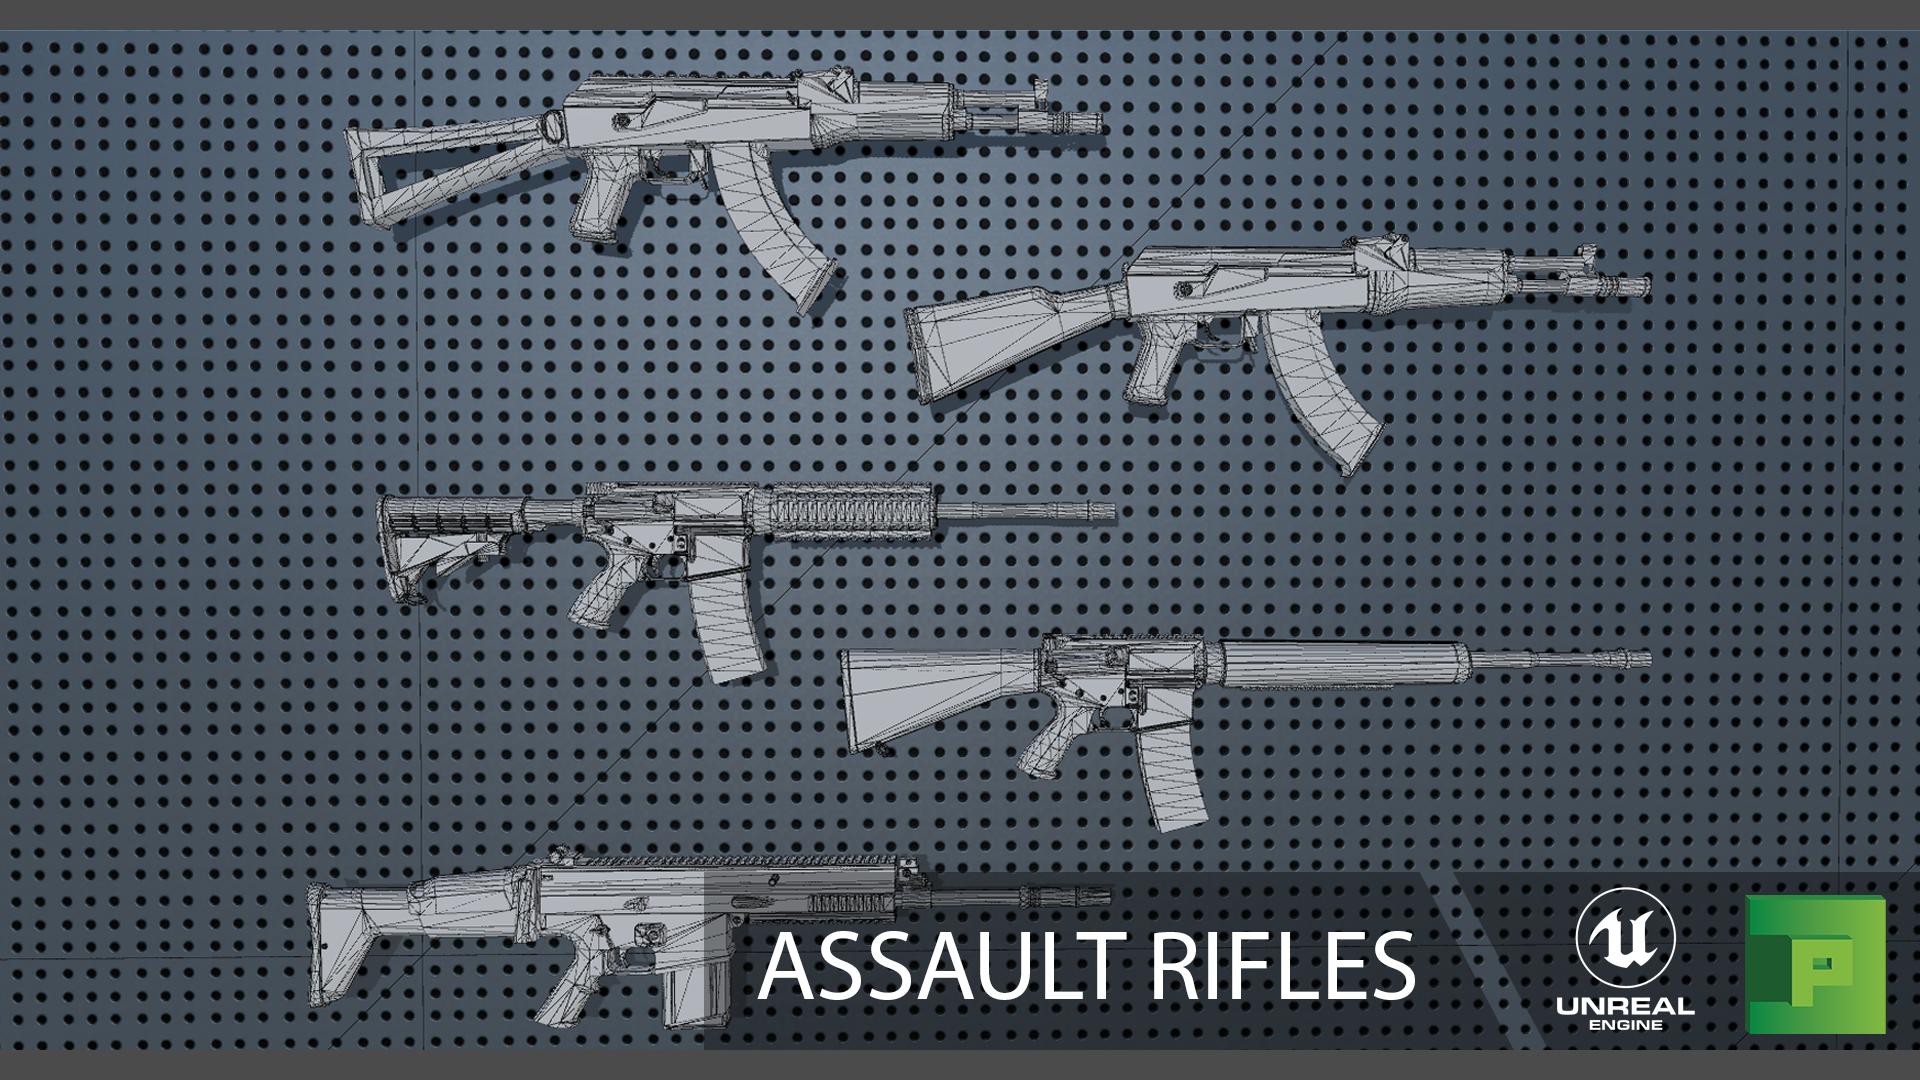 AssaultRifles_New_02